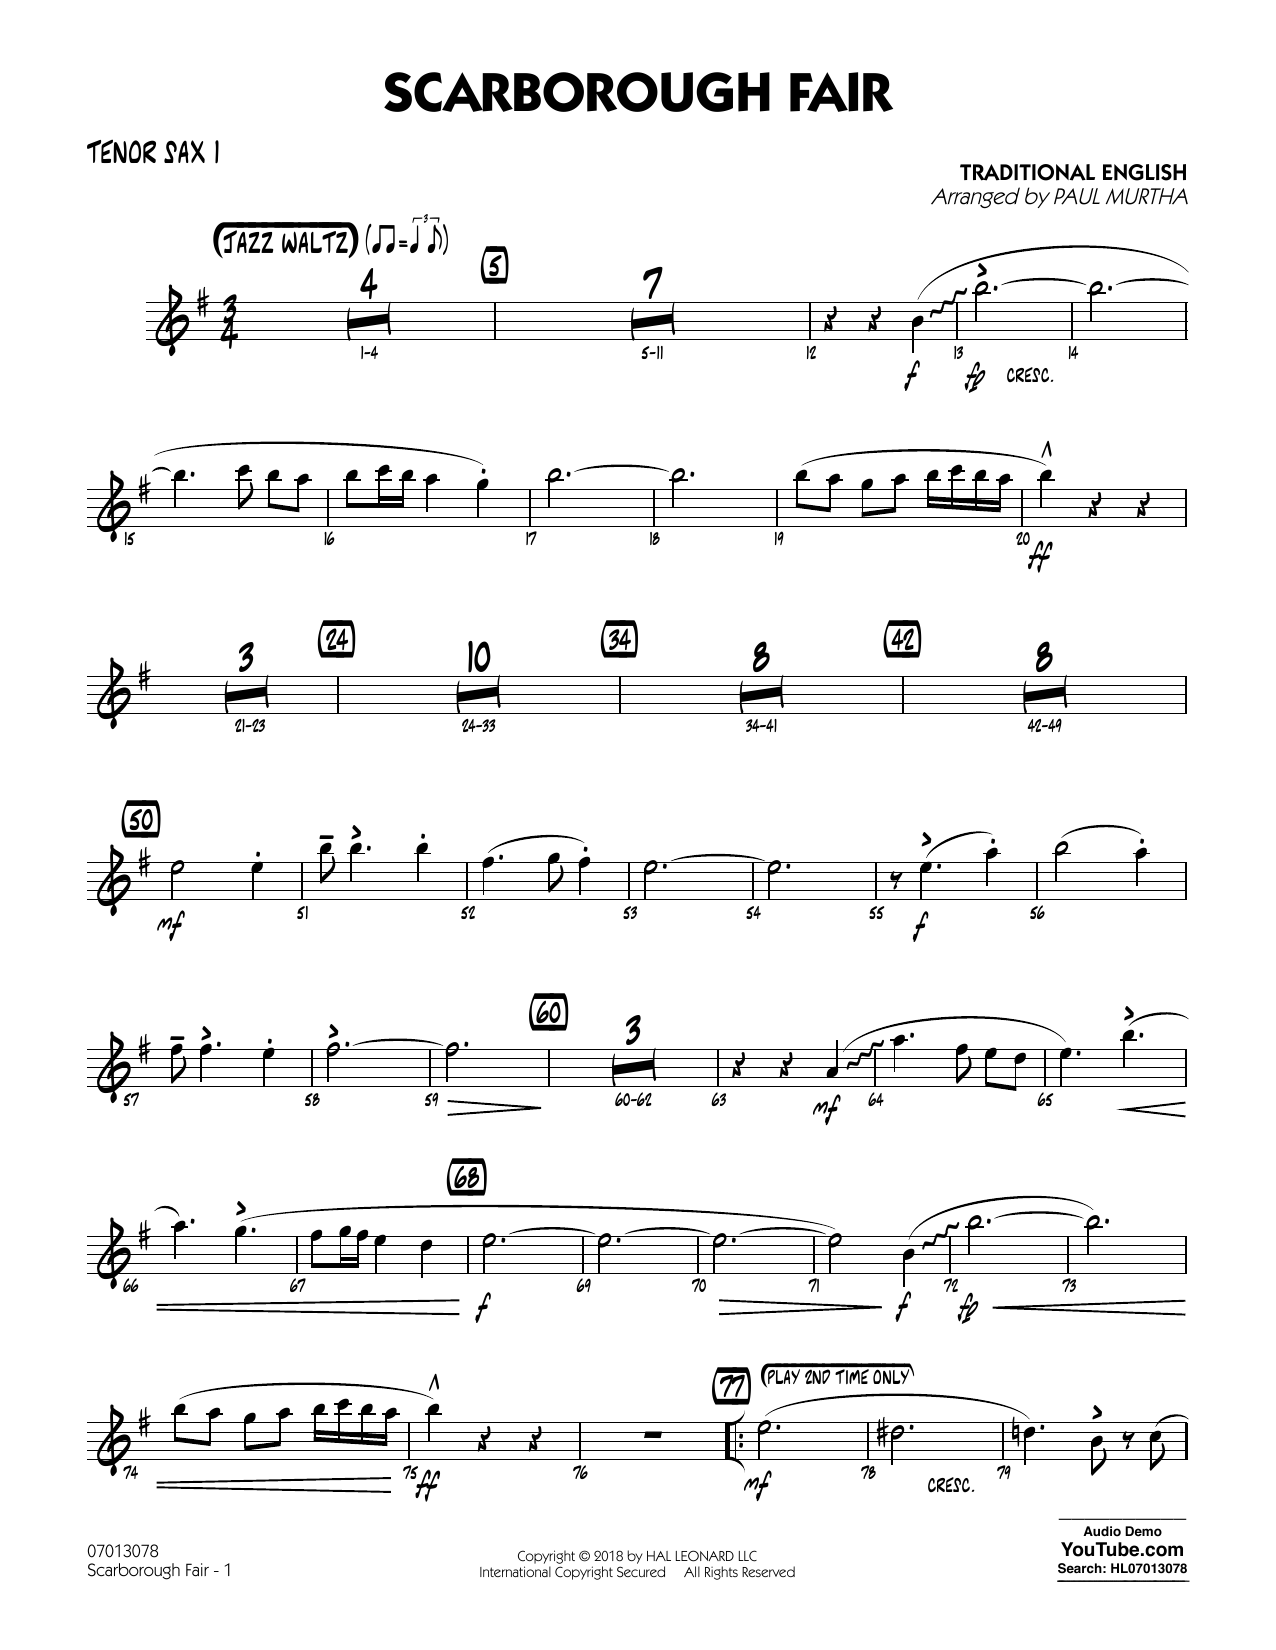 Paul Murtha Scarborough Fair - Tenor Sax 1 sheet music notes printable PDF score